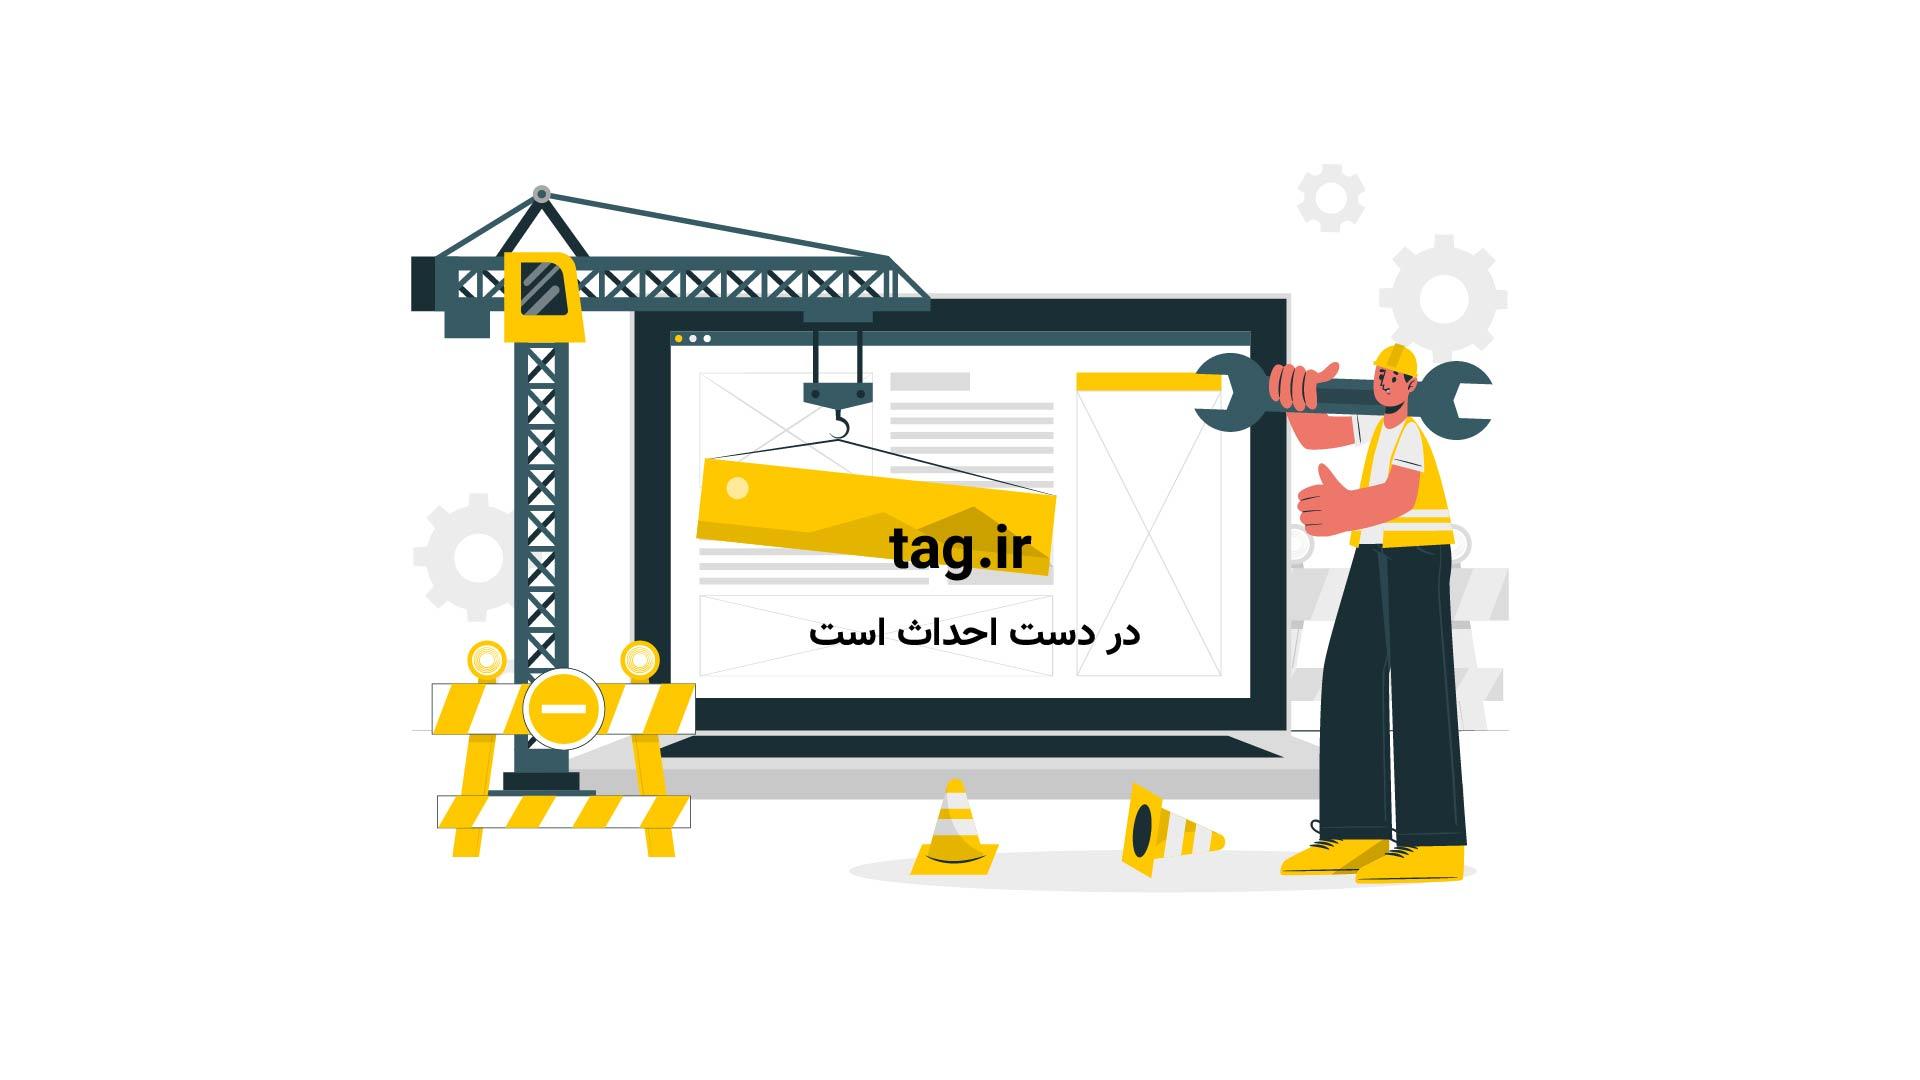 فیلم جالب از شکار سنتی نهنگ عنبر در قبایل ساحلنشین|تگ